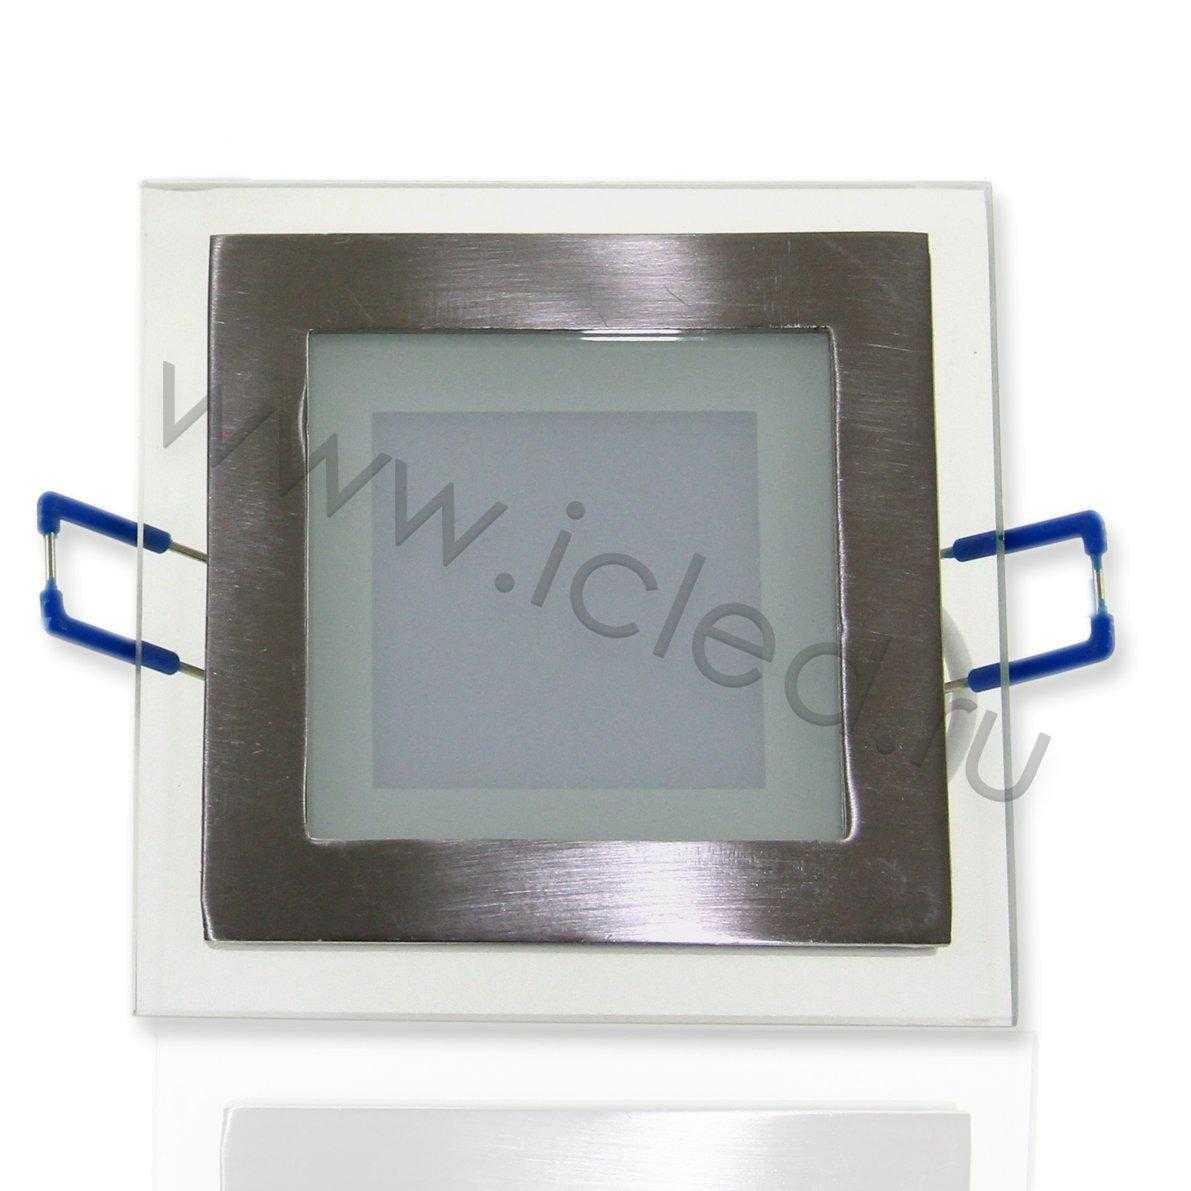 Светодиодный светильник потолочный IC-SS L100 (6W, Warm White)